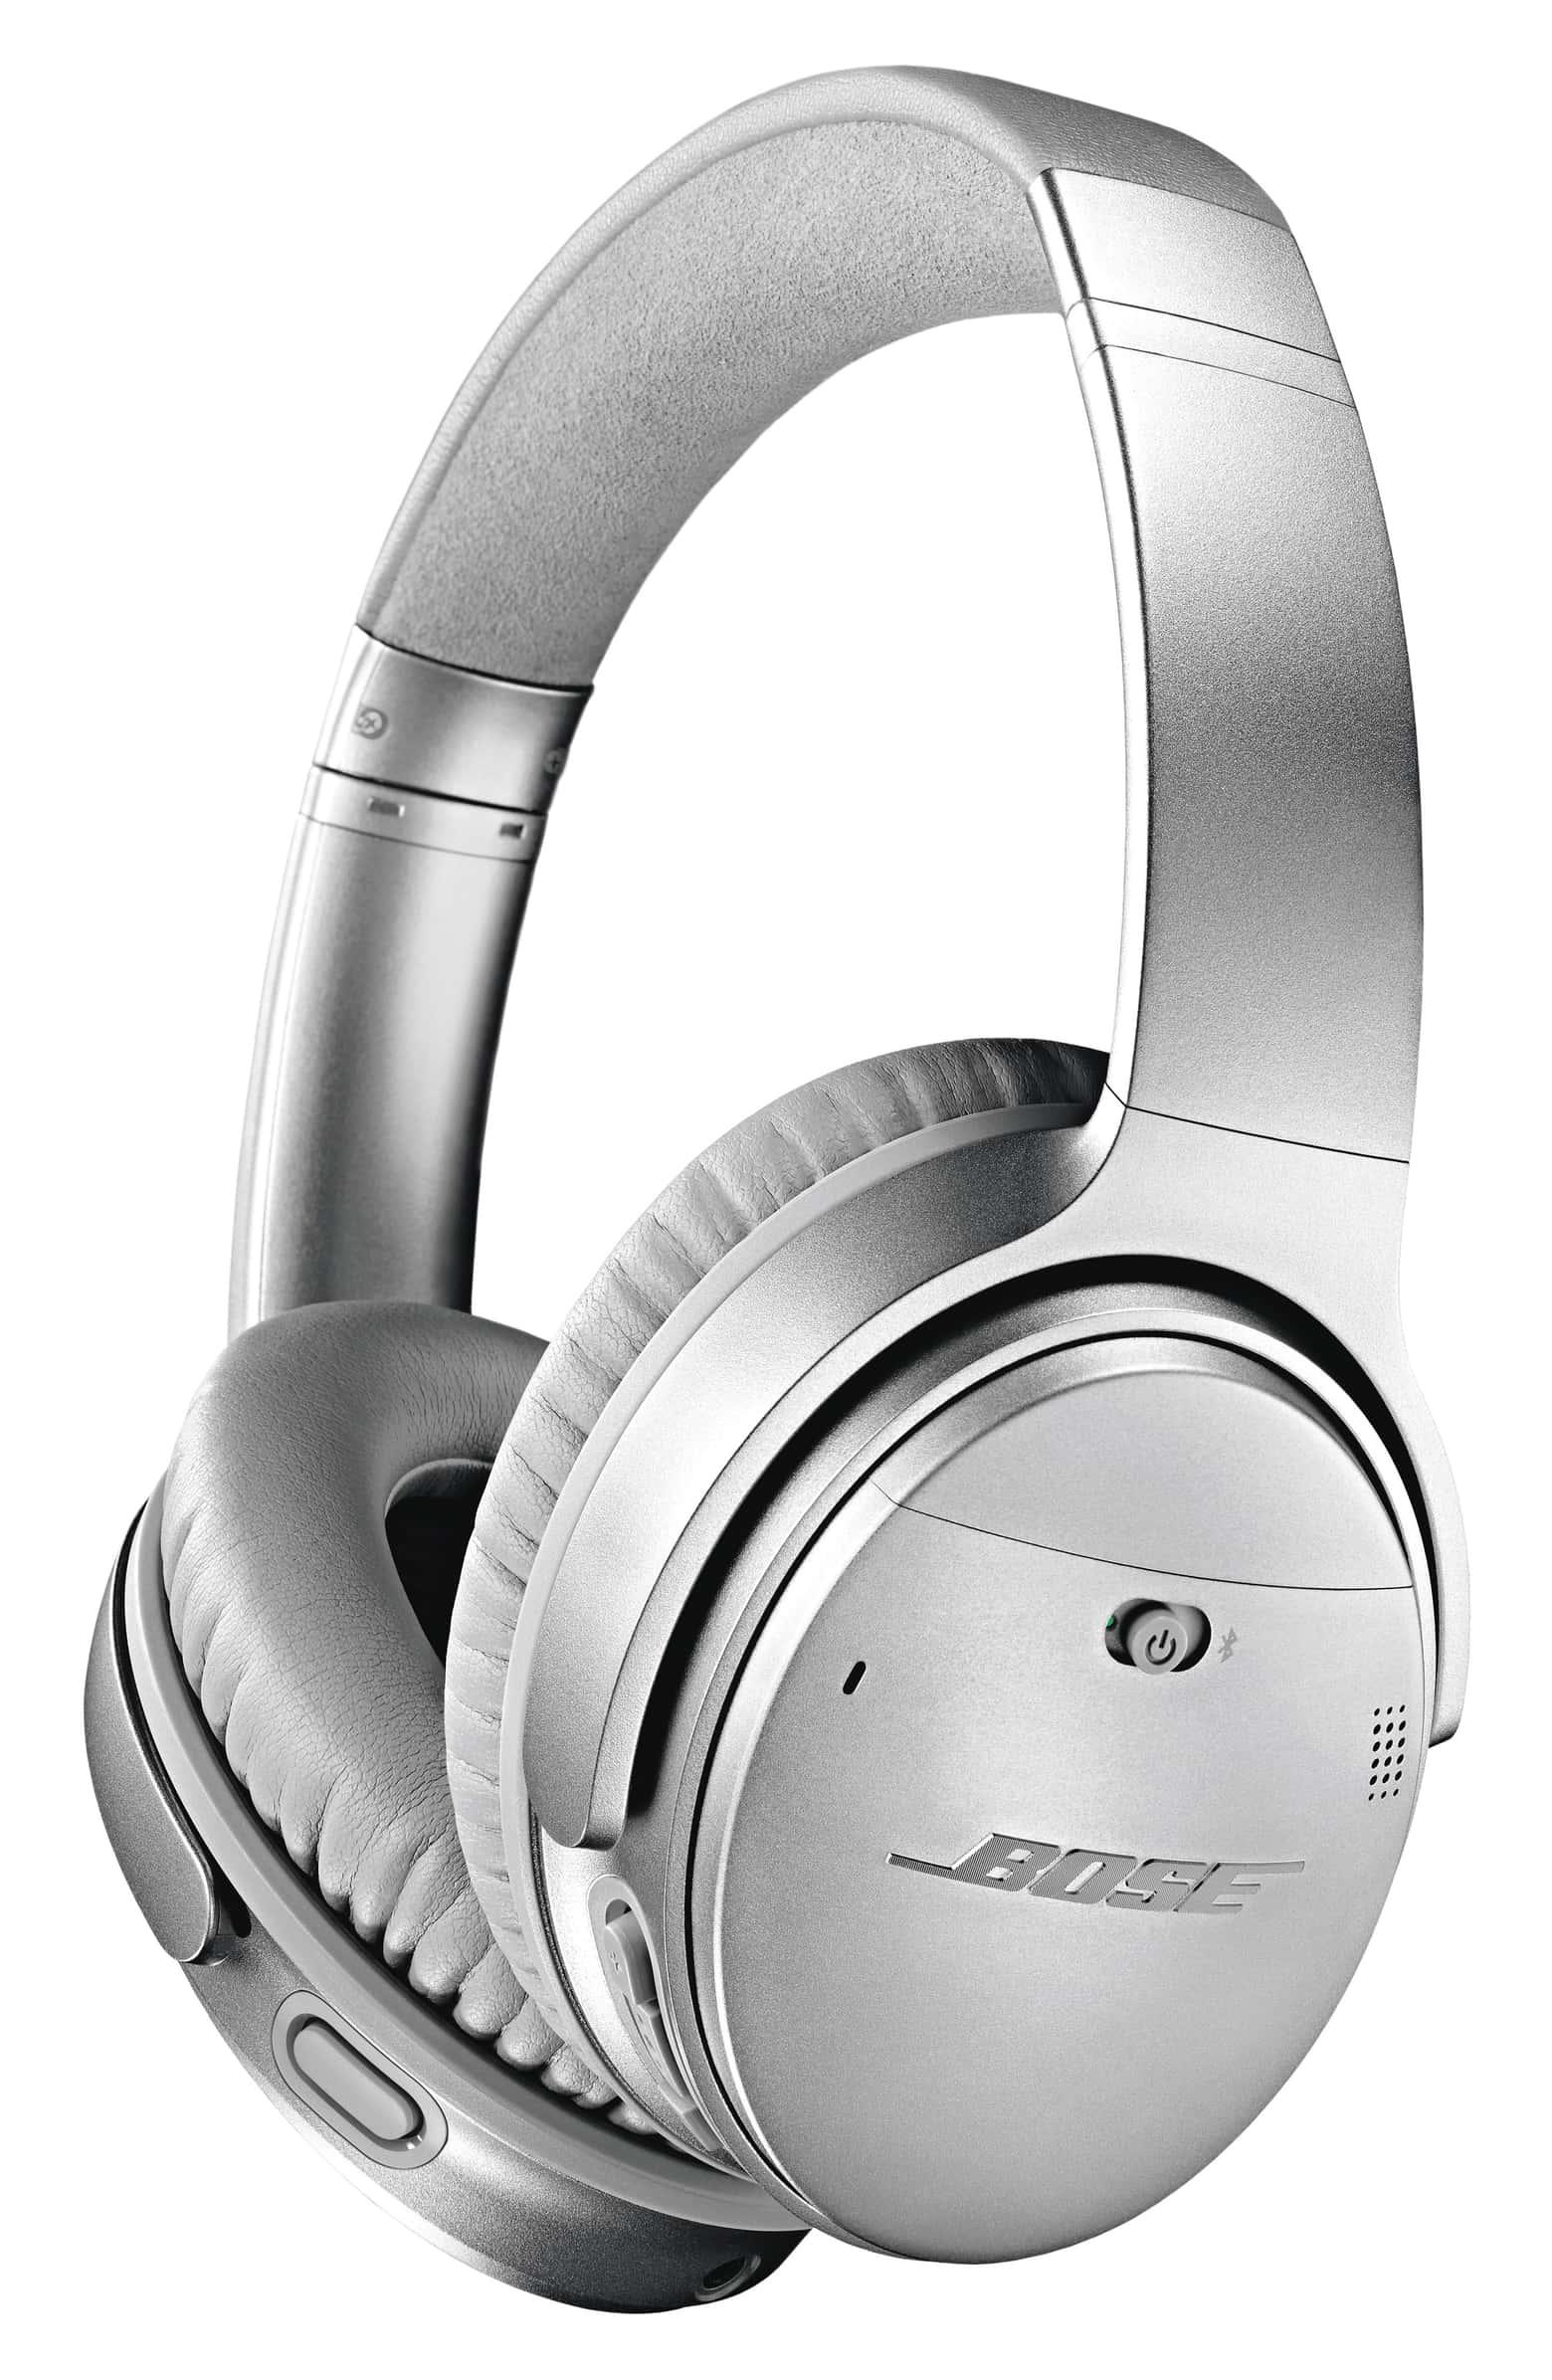 Nordstrom: Bose QuietComfort 35 Wireless Headphones